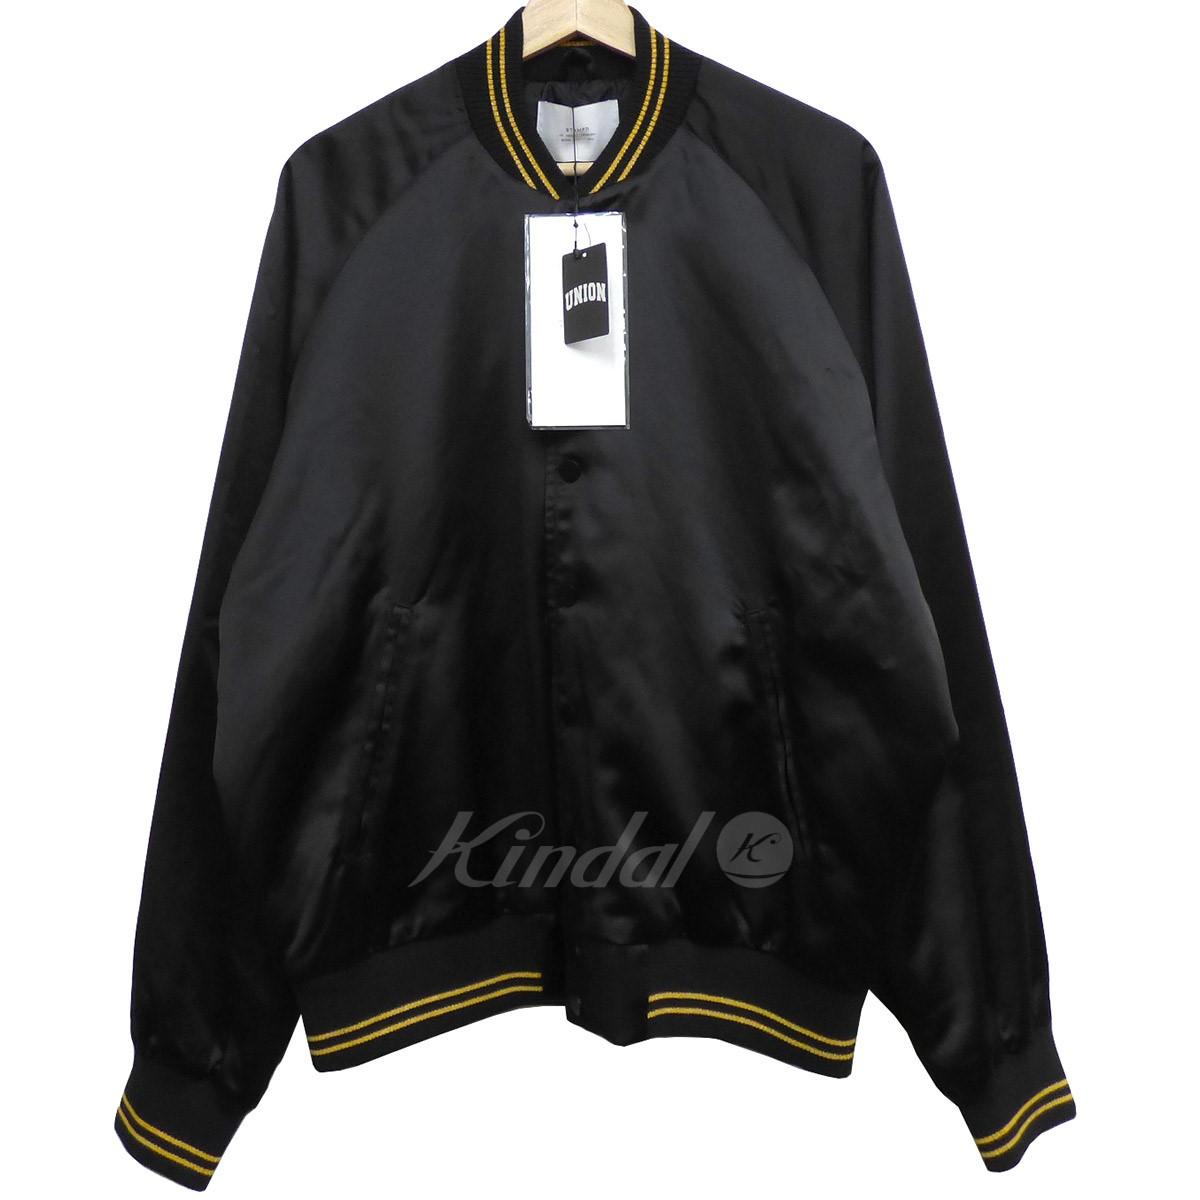 【中古】STAMPD Coaches Baseball Jacketベースボールジャケット ブラック サイズ:M 【040420】(スタンプド)